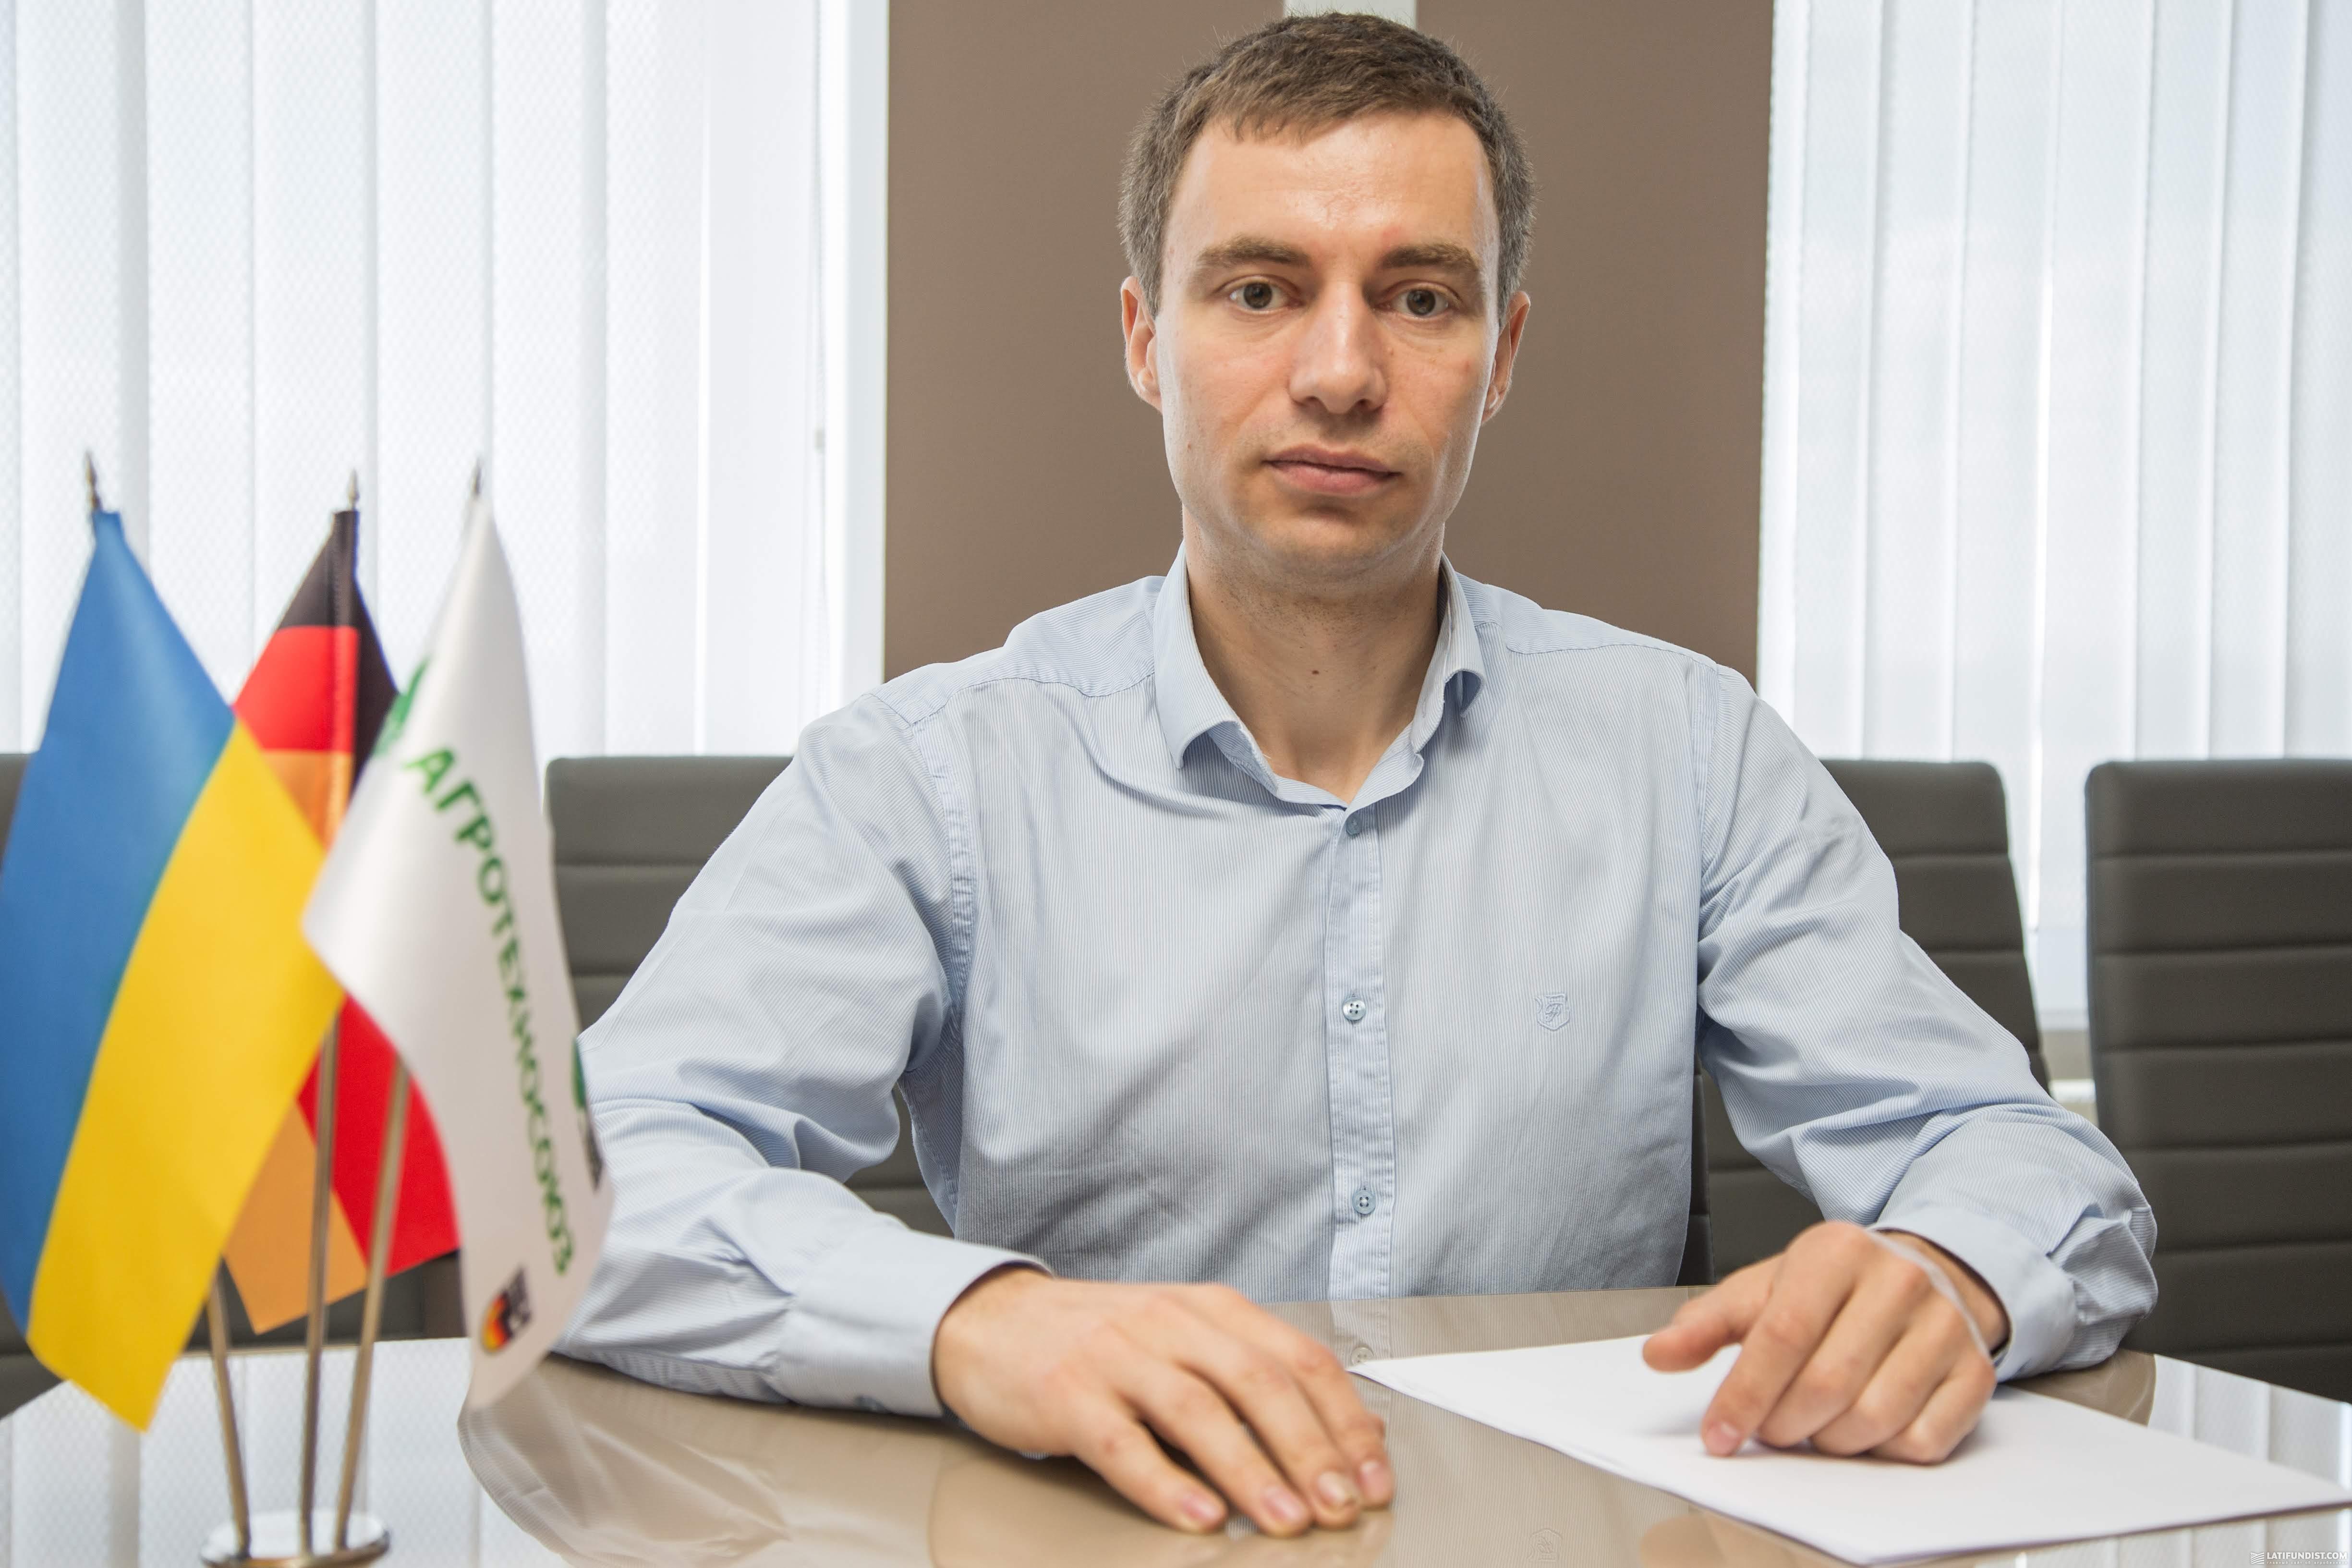 Дмитрий Козаренко, директор по развитию продукта компании «Агротехносоюз»